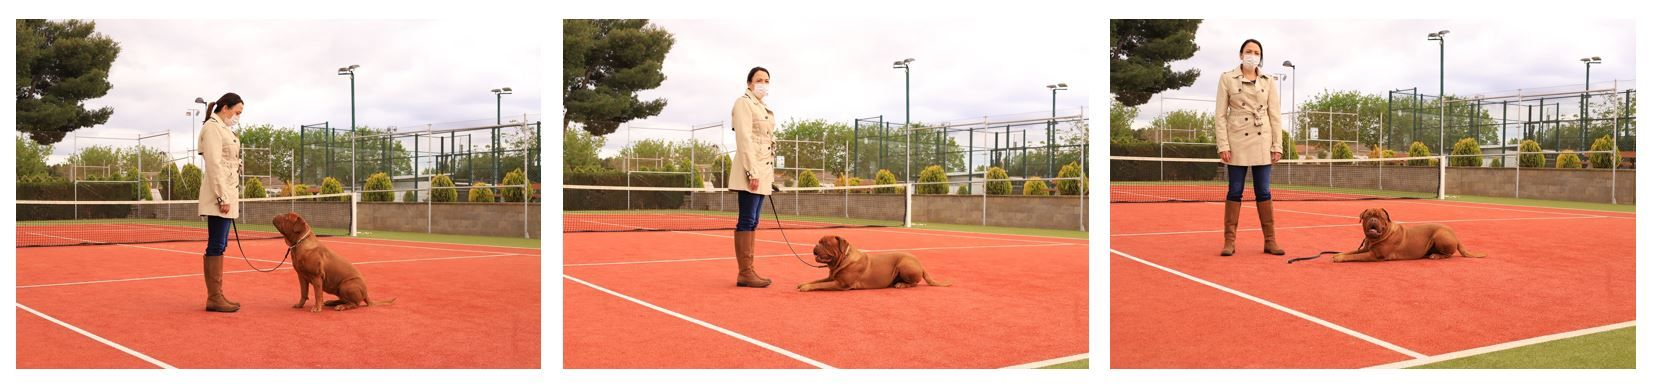 Ejercicio-N6-Ciudadano-Canino-Ejemplar_Adiestramiento-canino-BEC